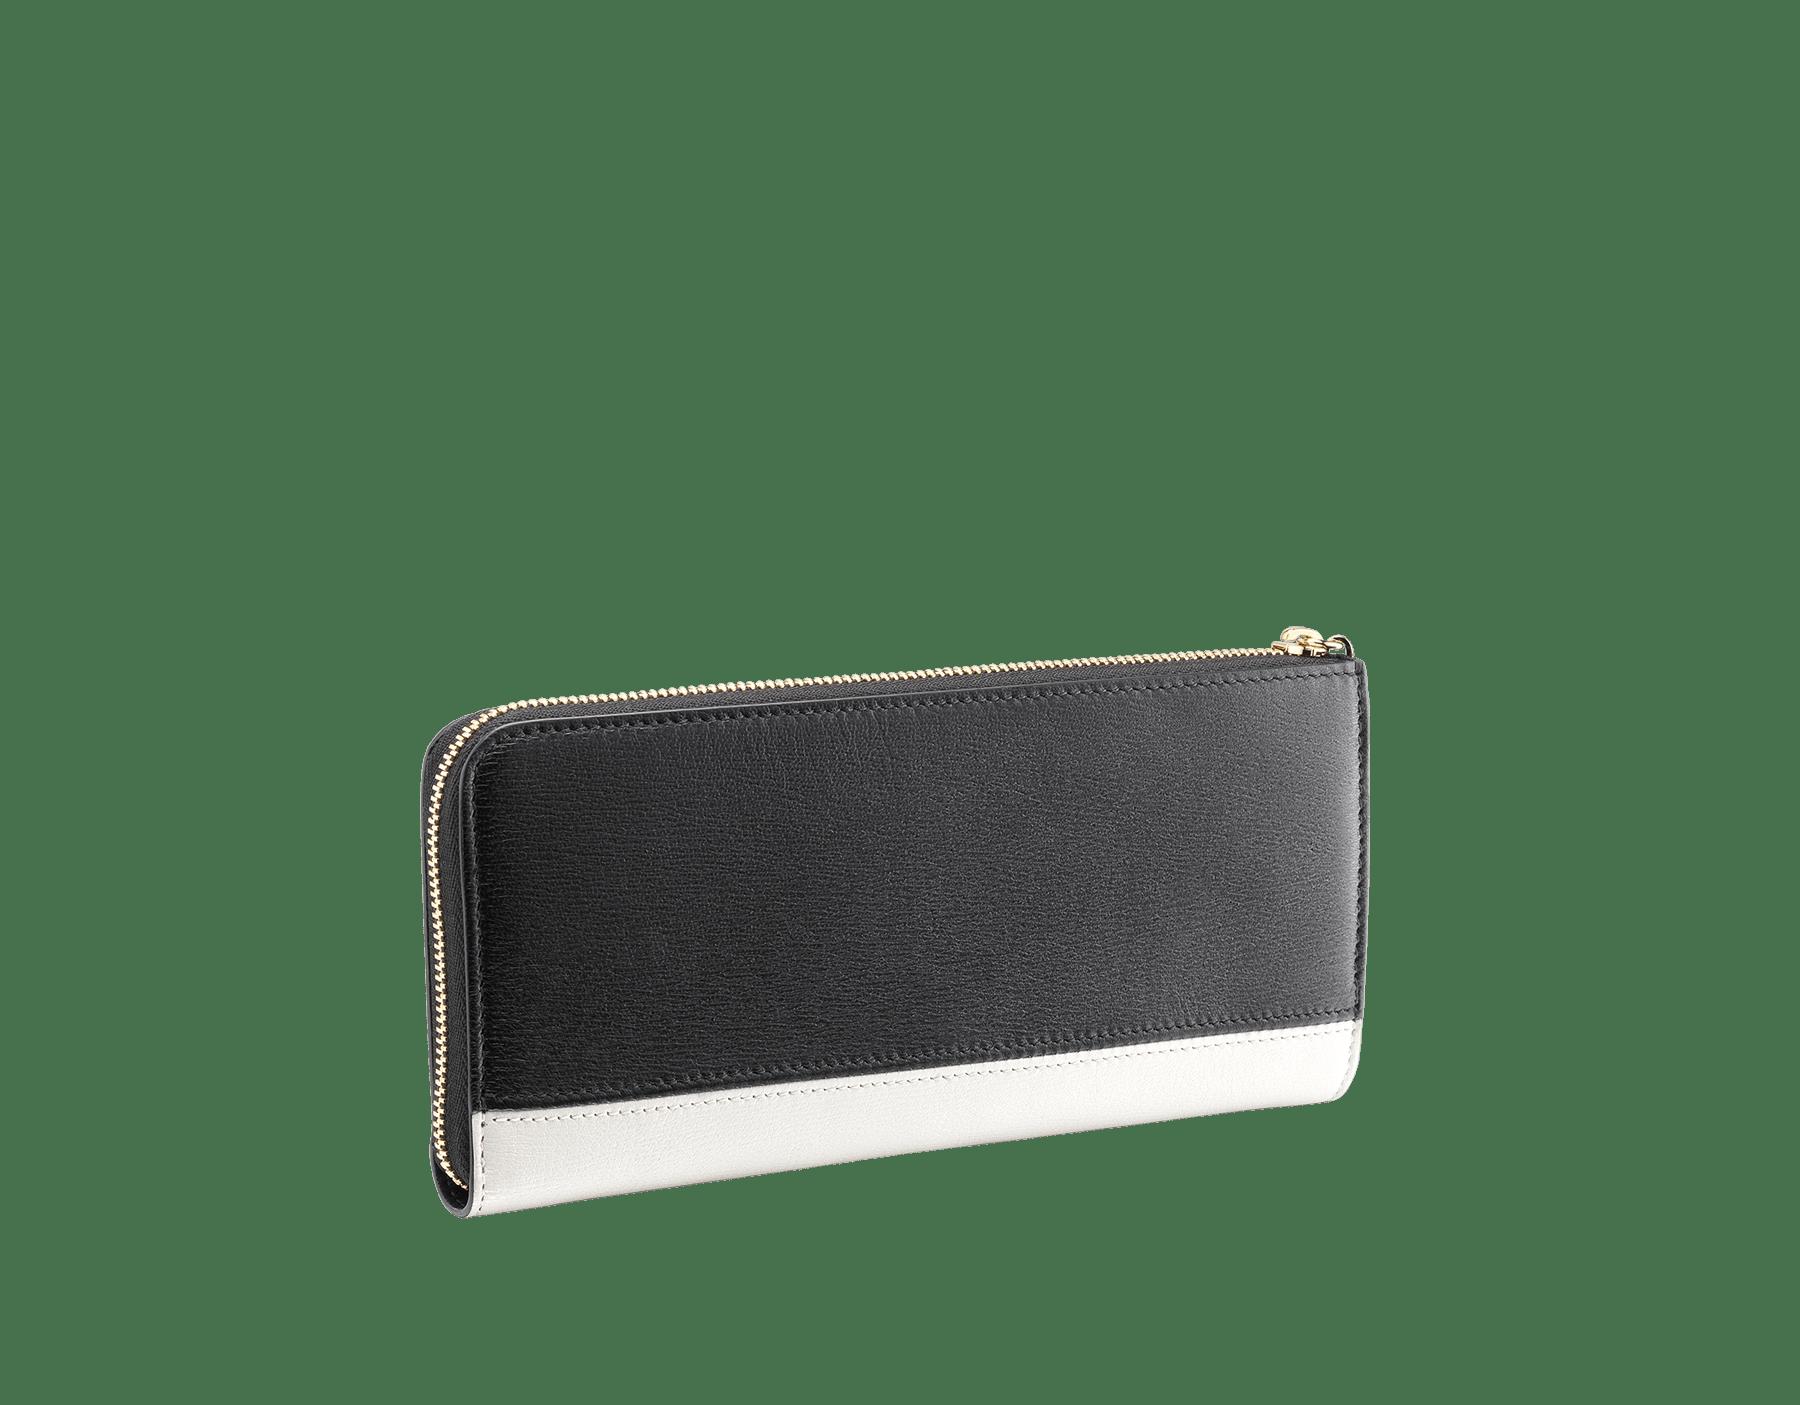 デイジートパーズとタフィークォーツのゴートスキン、およびタフィークォーツのナッパ製「ビー・ゼロワン」L型ジップ付きの財布。ブラスライトゴールドプレートのアイコニックな「ビー・ゼロワン」ロゴのジッププラー。 BZA-WLT-MZP-SLIM-L image 5